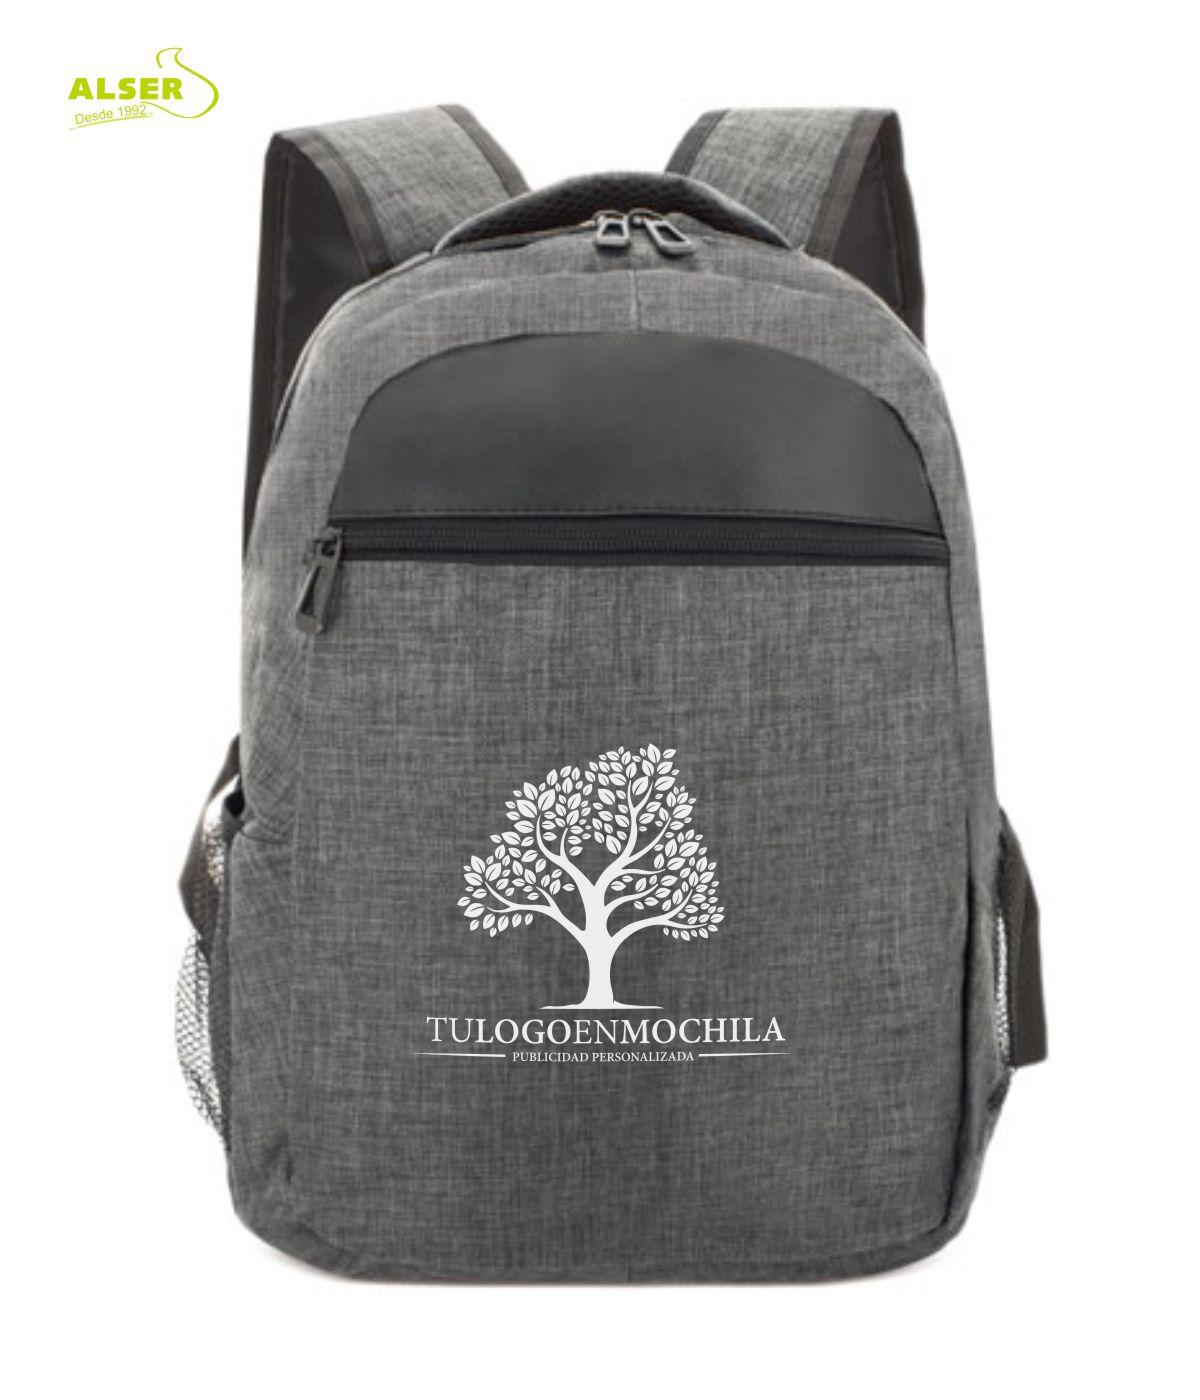 mochila para promocion personalizada con tu logo. Color Gris